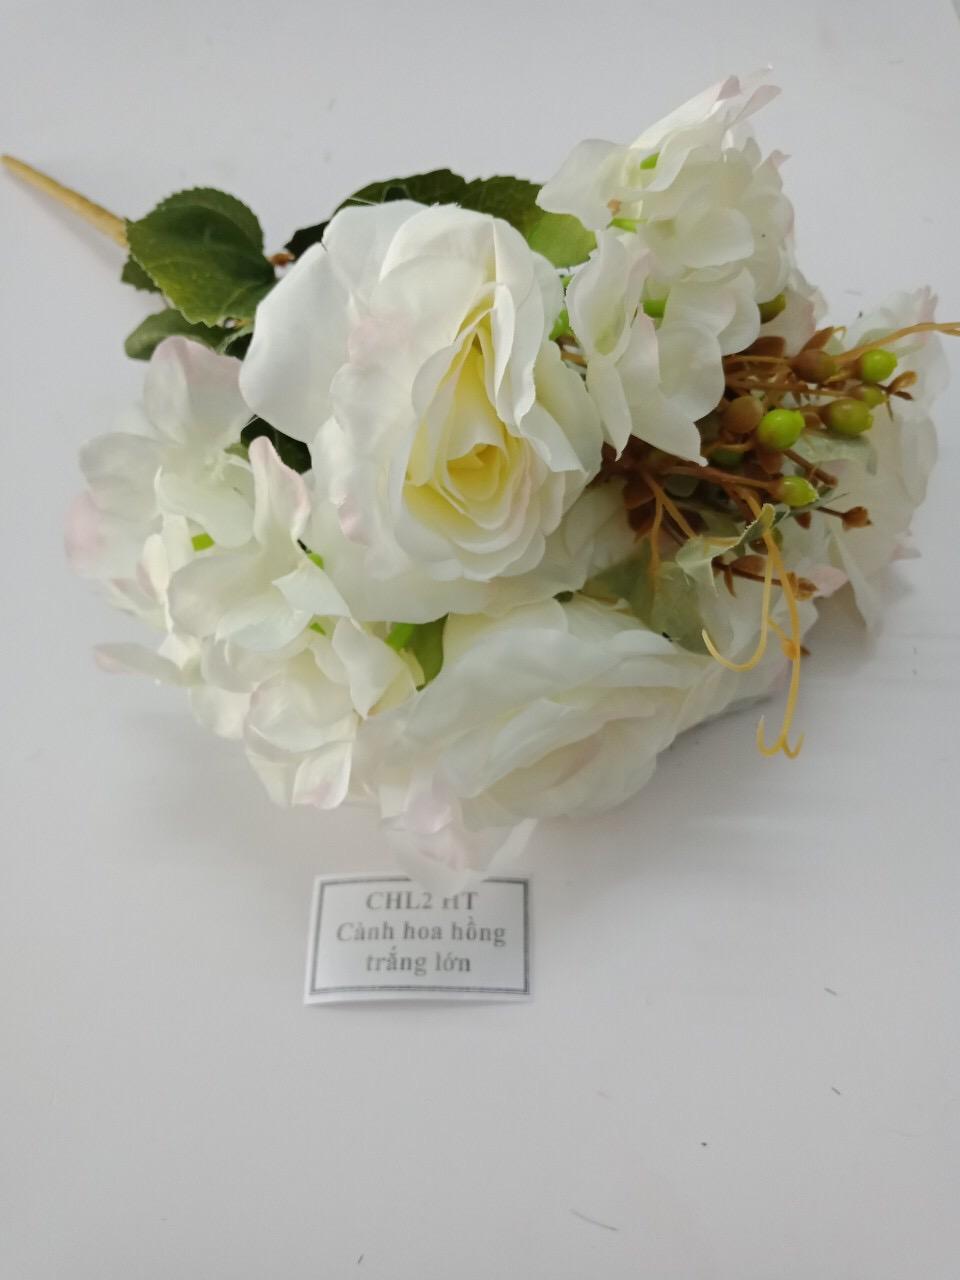 Hoa hồng trắng trang trí lại cực đẹp